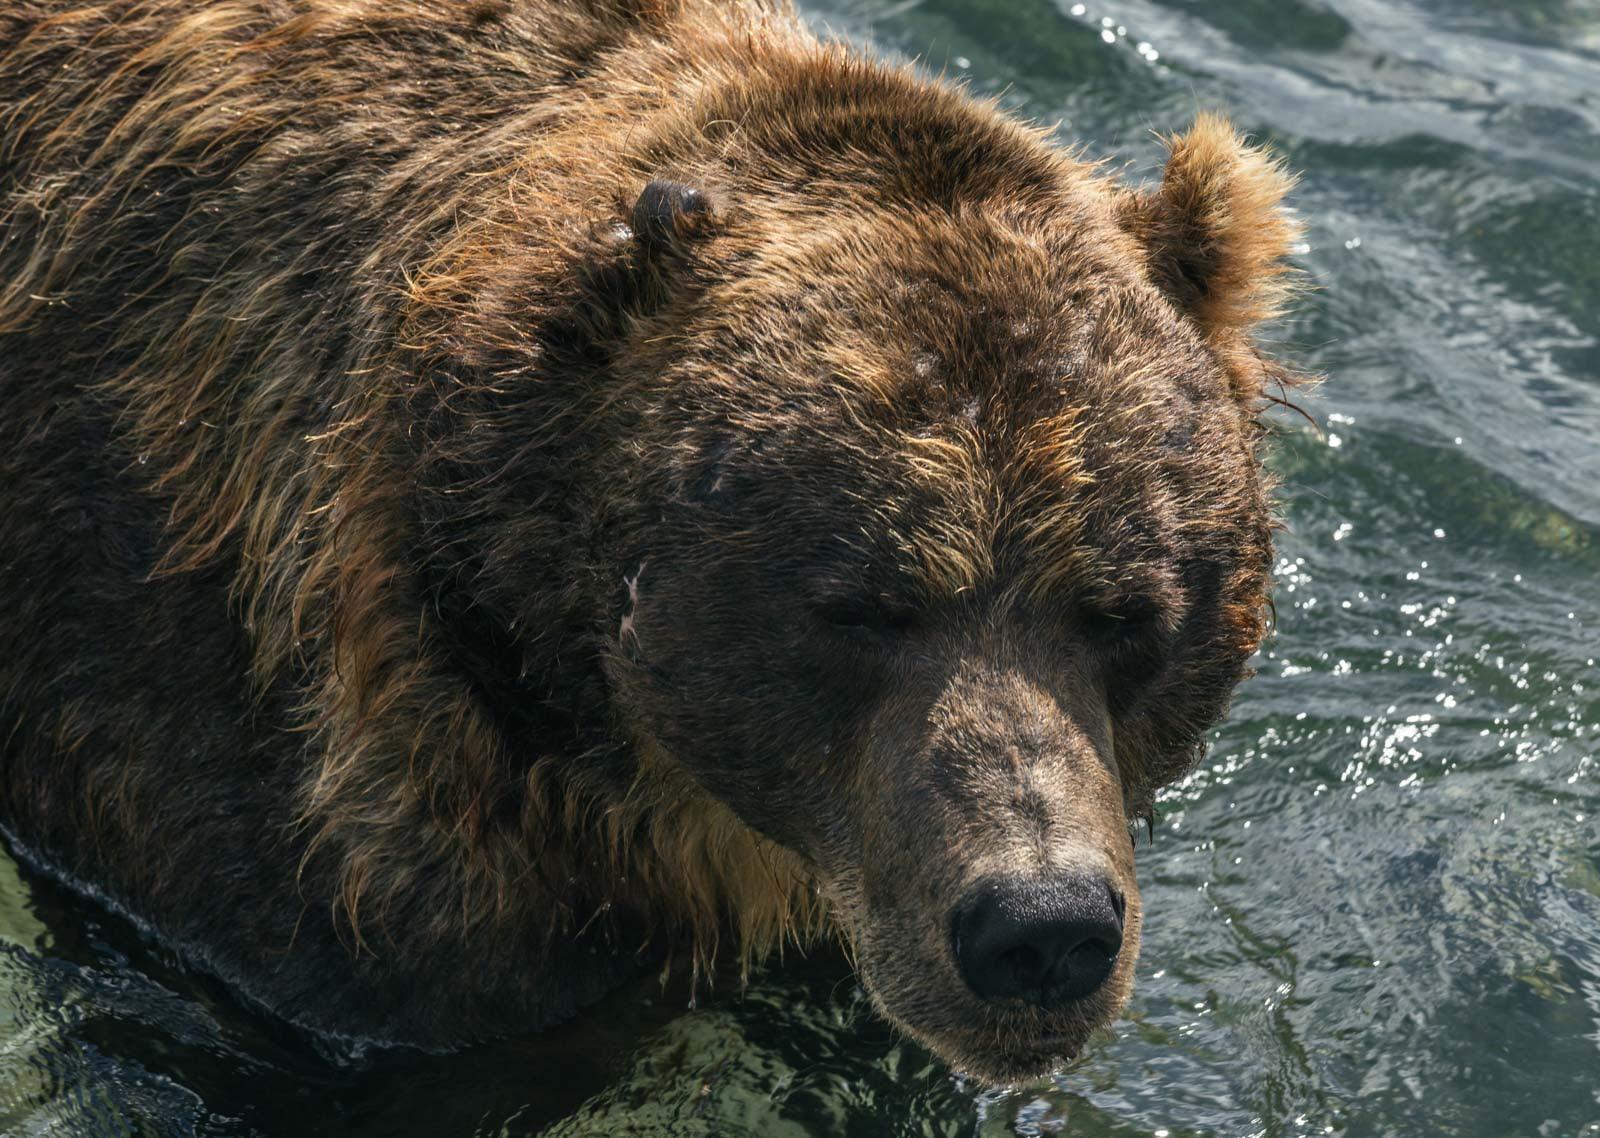 Съел не один десяток сородичей: тверской путешественник наткнулся на огромного медведя каннибала